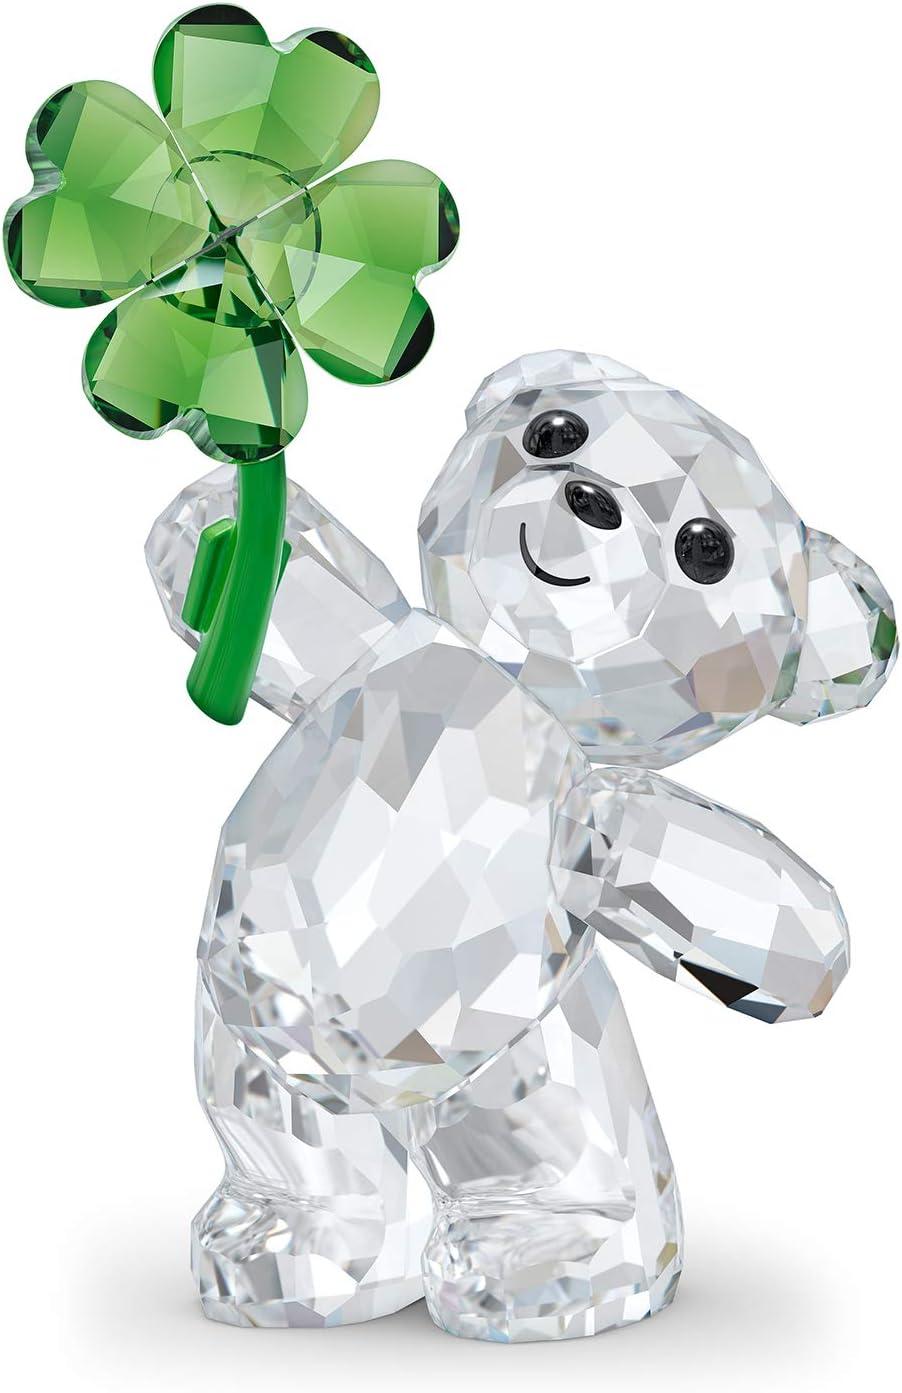 SWAROVSKI Kris Bear Lucky Charm Figurine, One Size, Green